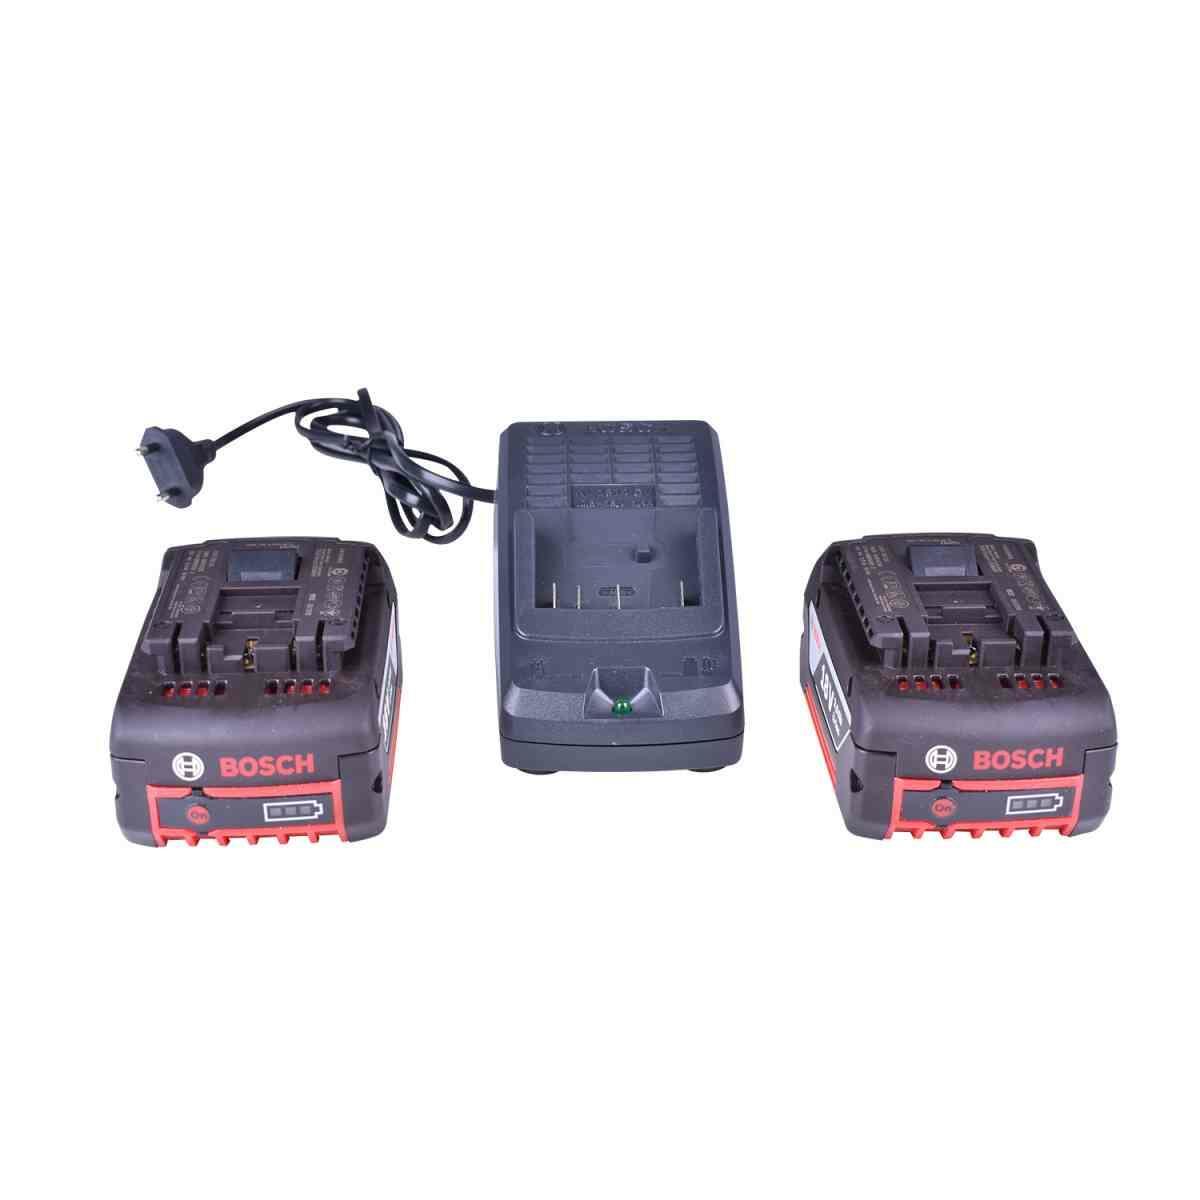 """Lixadeira Orbital Gss18V-10 + Chave de Impacto 1/4"""" e 1/2"""" Gdx180-LI + Carregador com 2 Baterias 18V + Bolsa Ferramentas Bosch"""